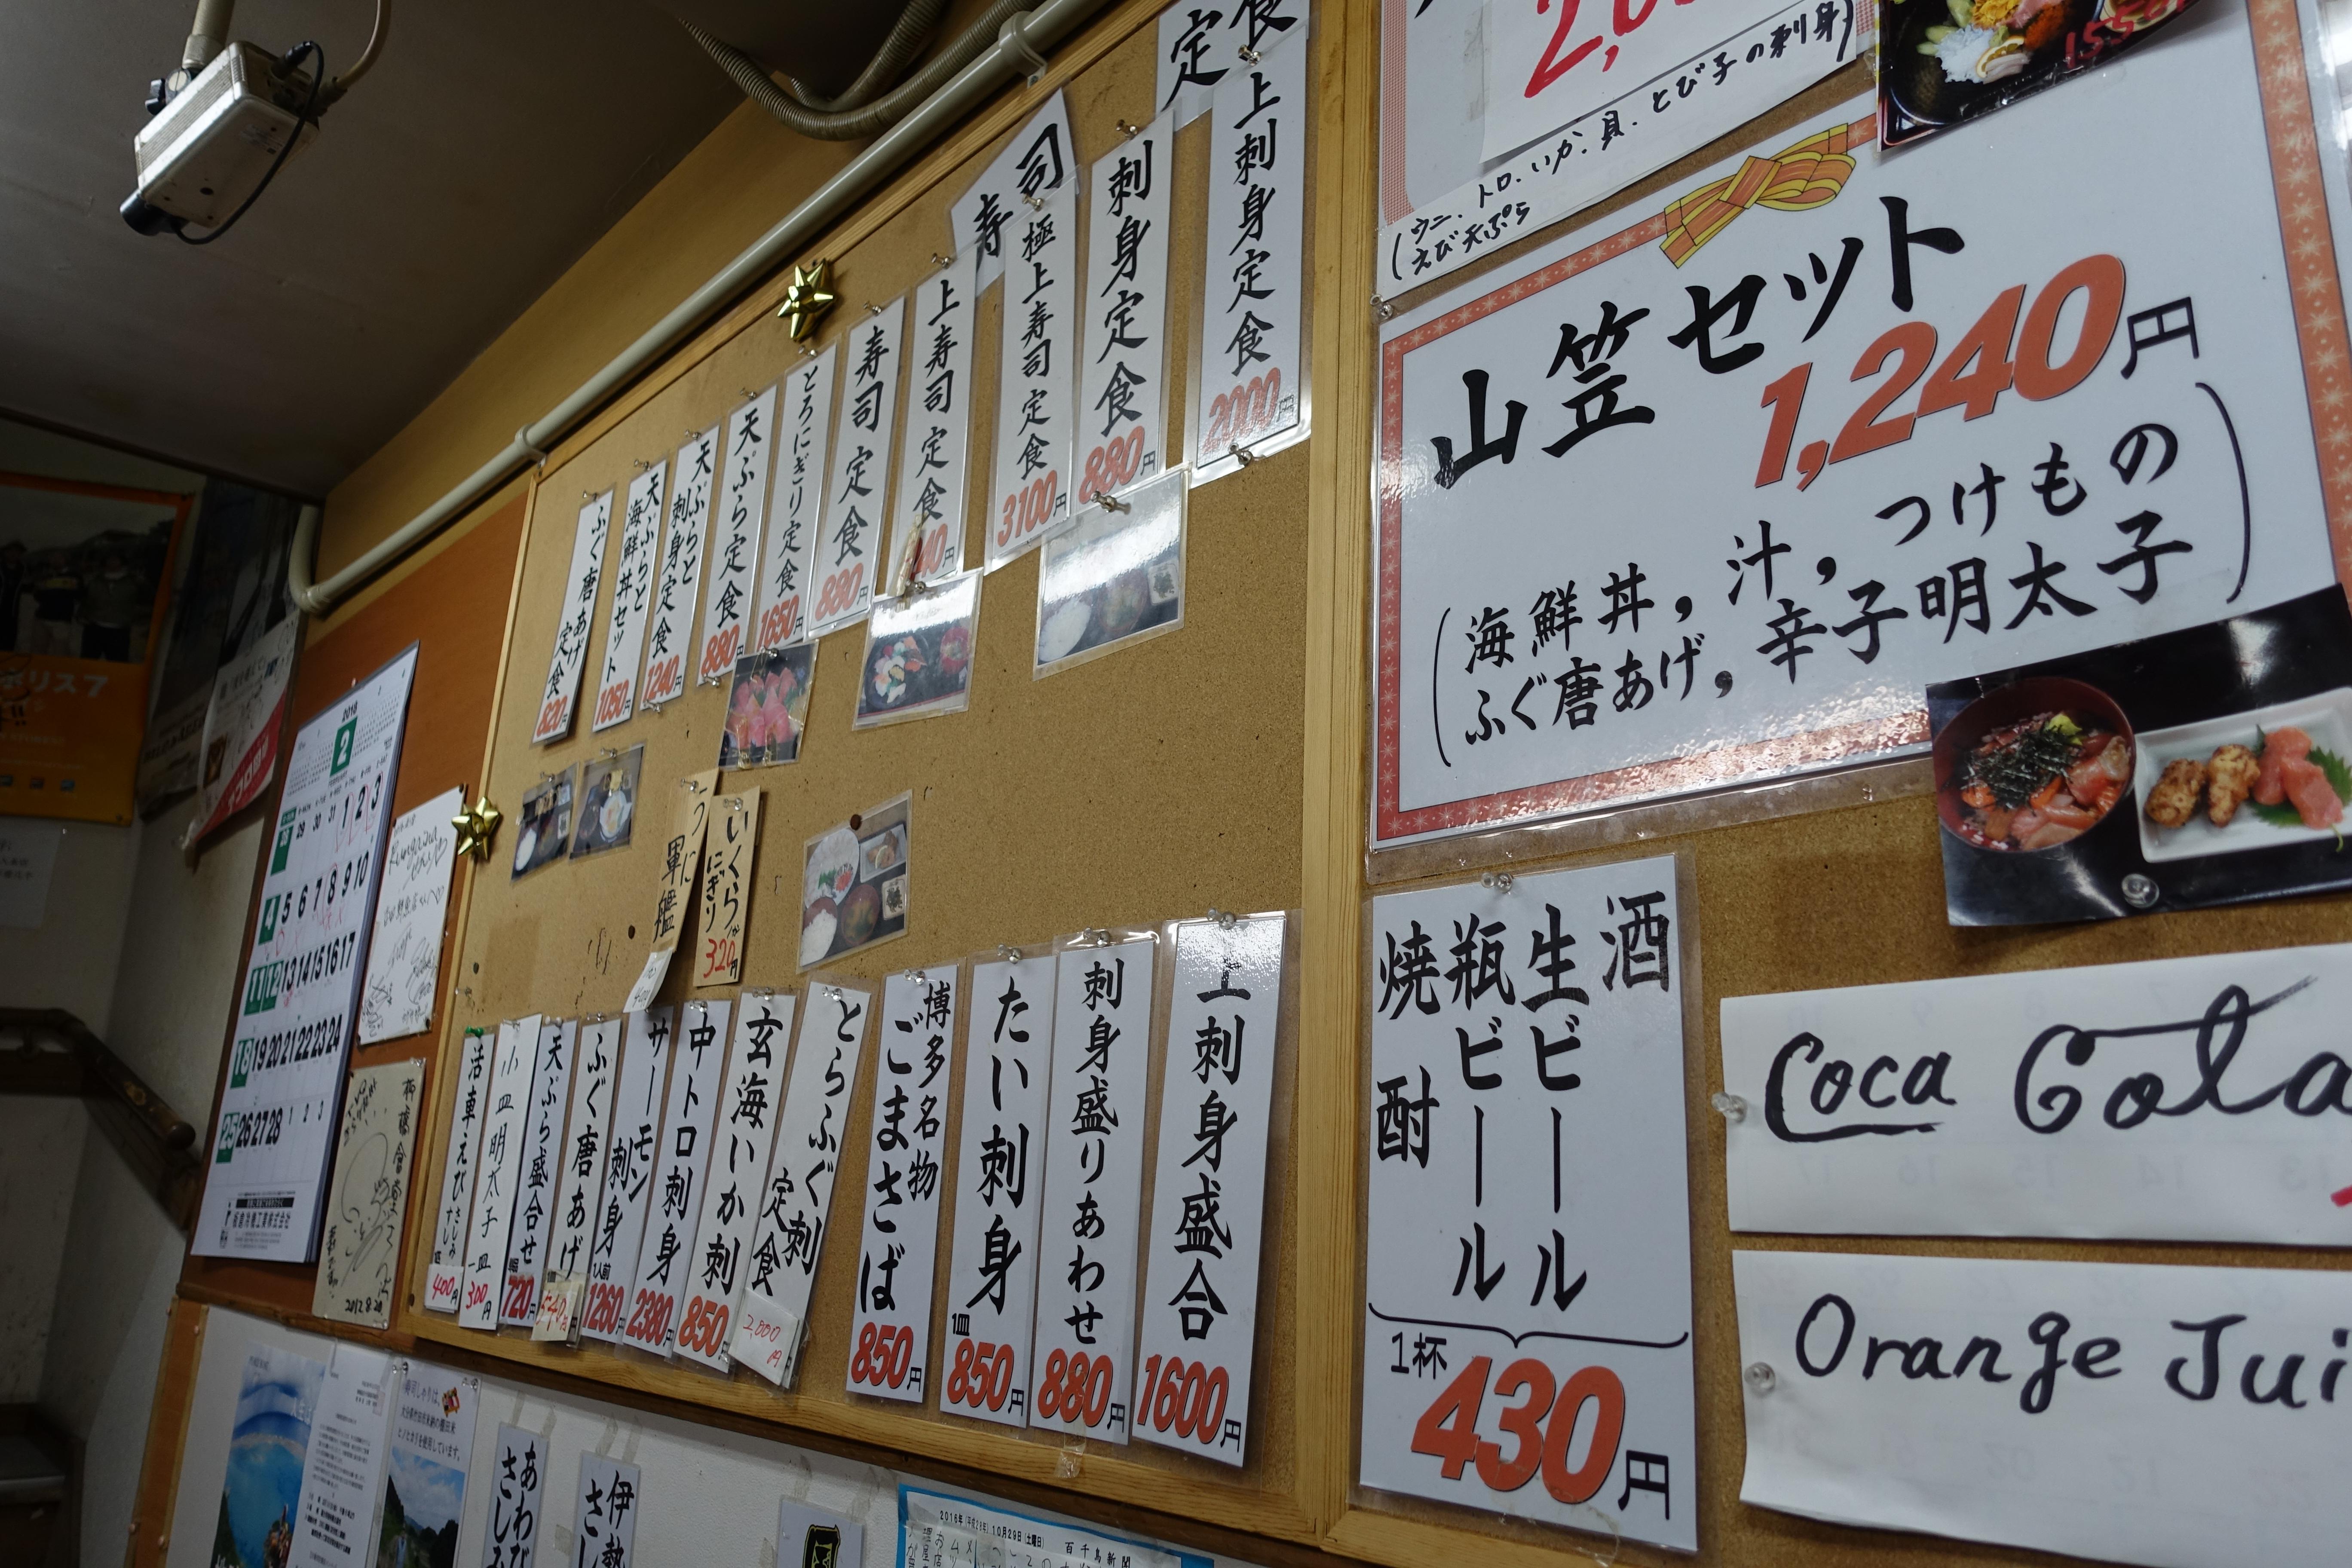 福岡・柳橋連合市場「吉田鮮魚店」のメニュー